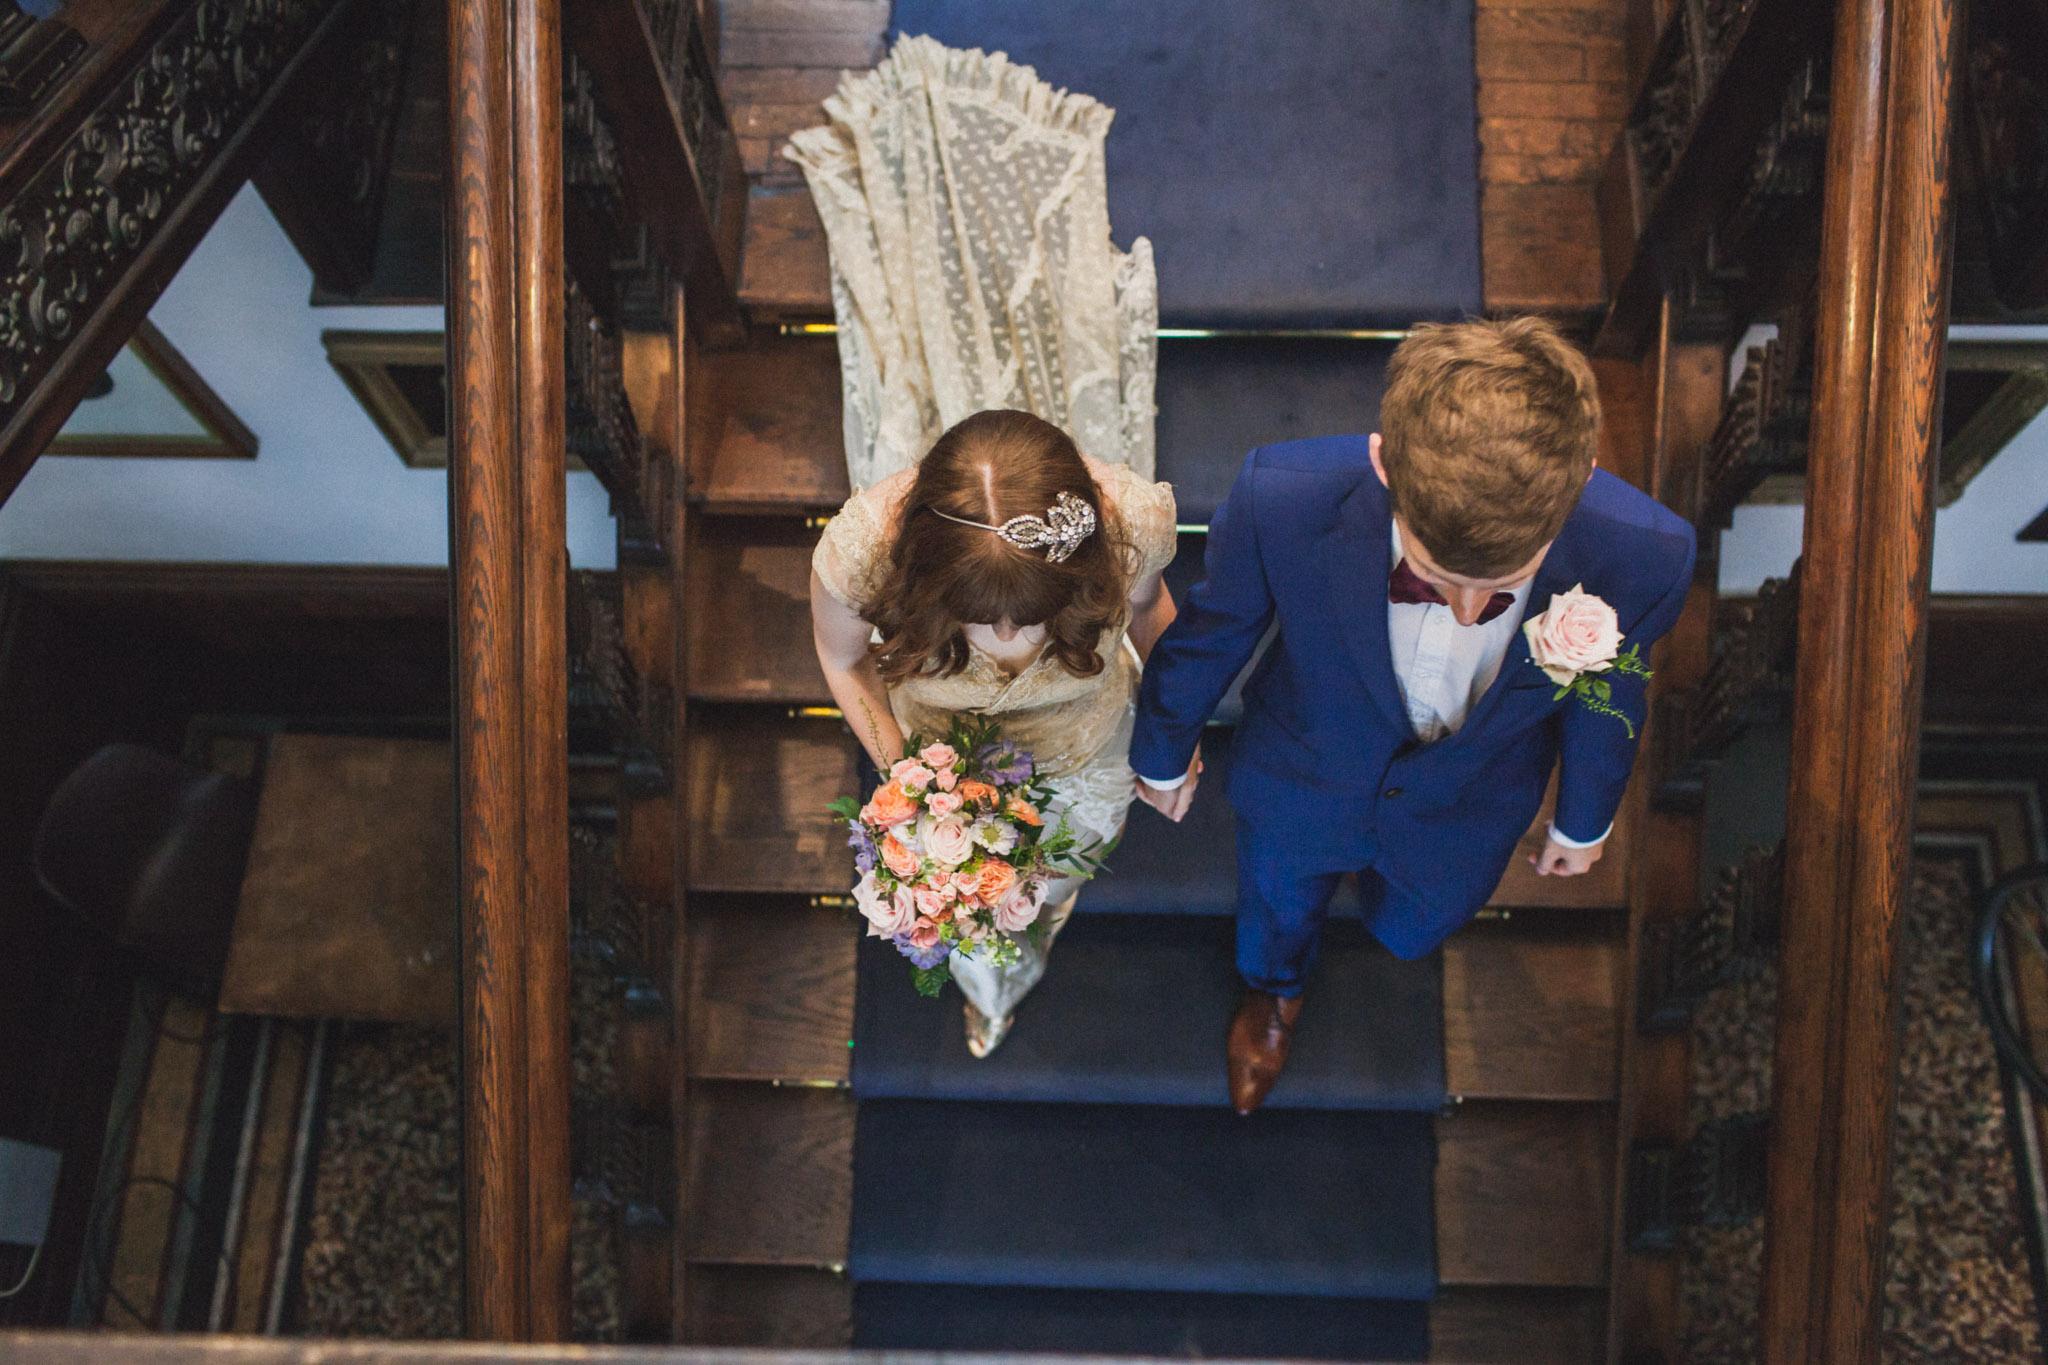 lewes_wedding_photographer_0037.jpg